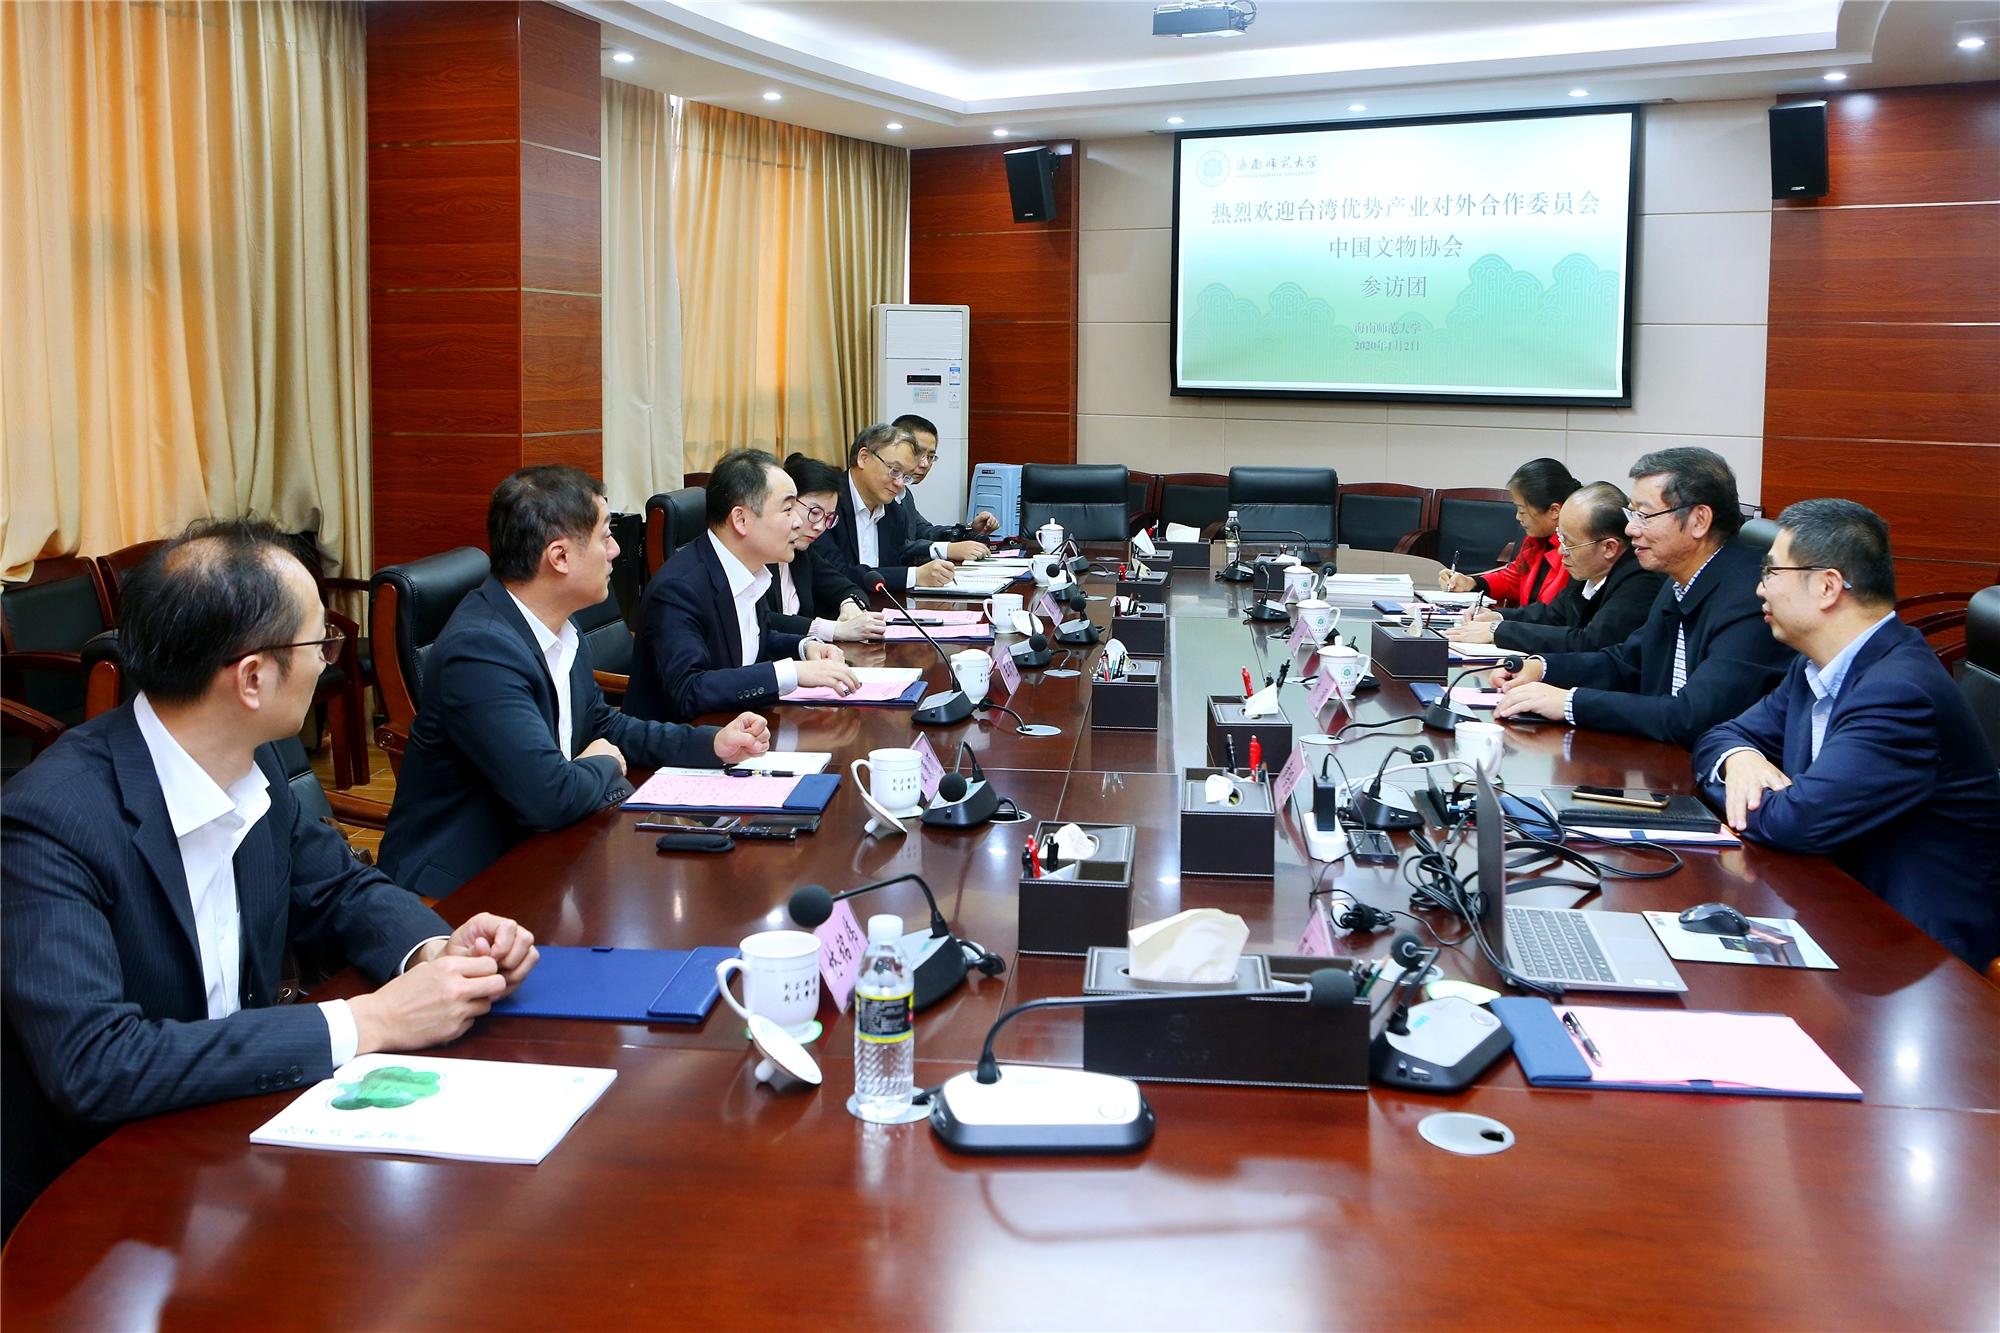 中国文物协会、台湾优势产业对外合作委员会参访团一行访问时时彩苹果版注册